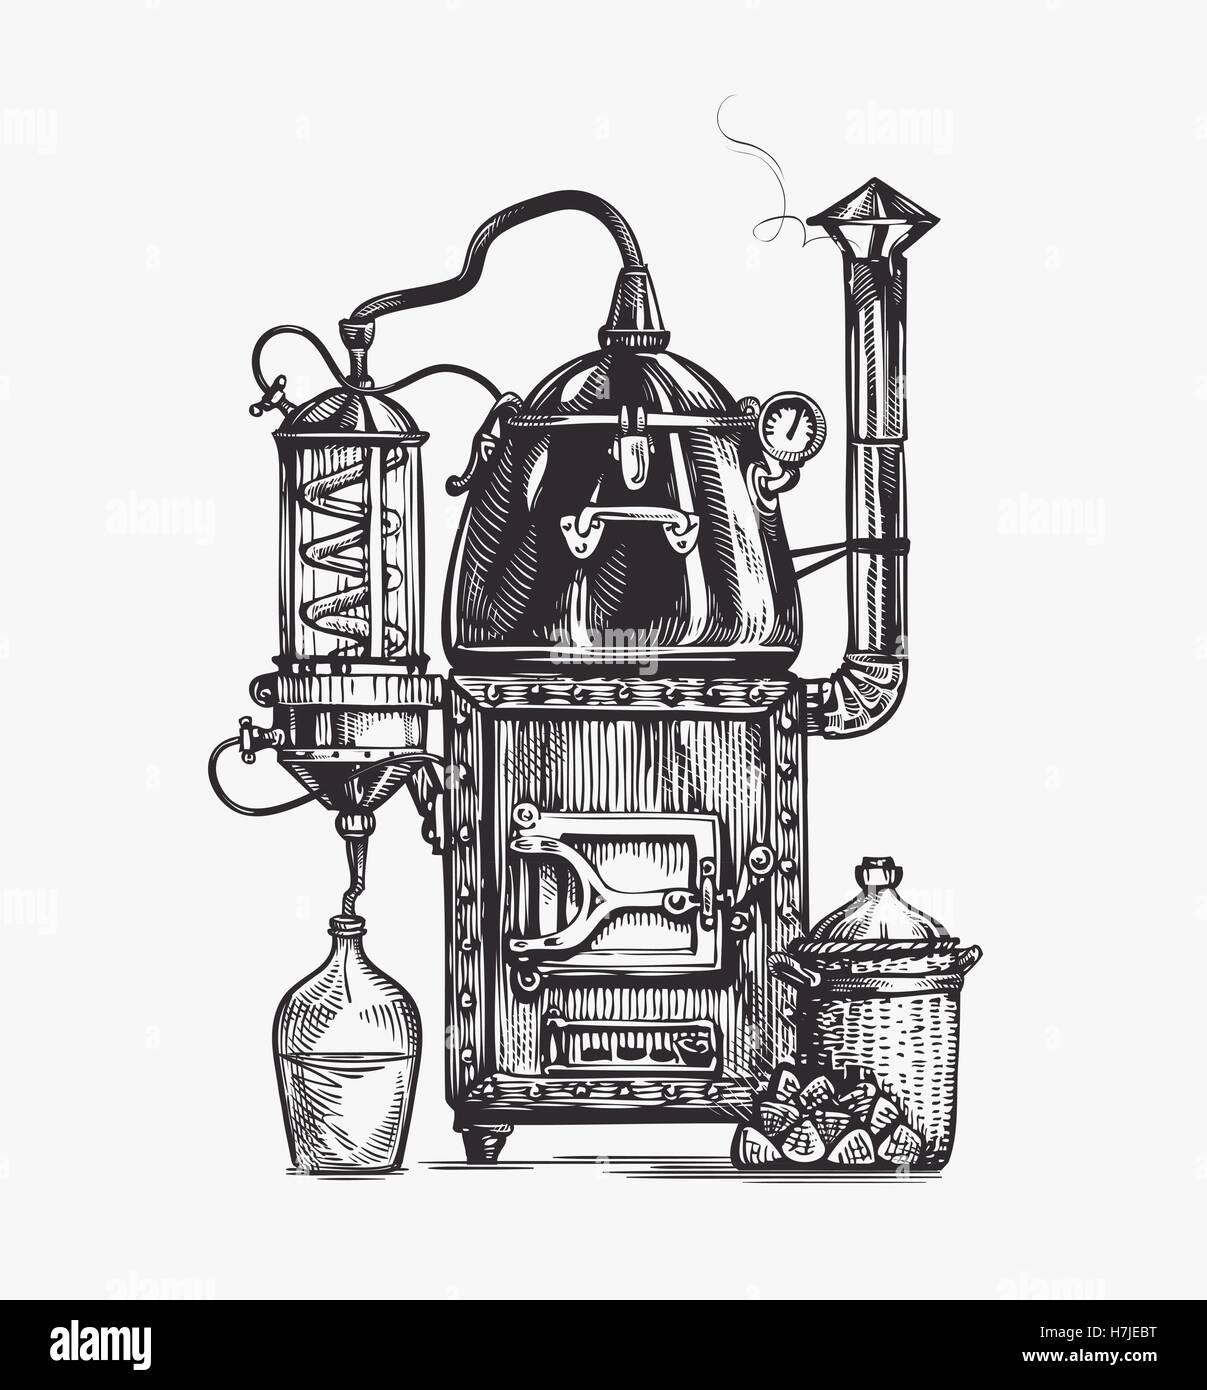 Distillation apparatus sketch. Hooch vector illustration - Stock Image